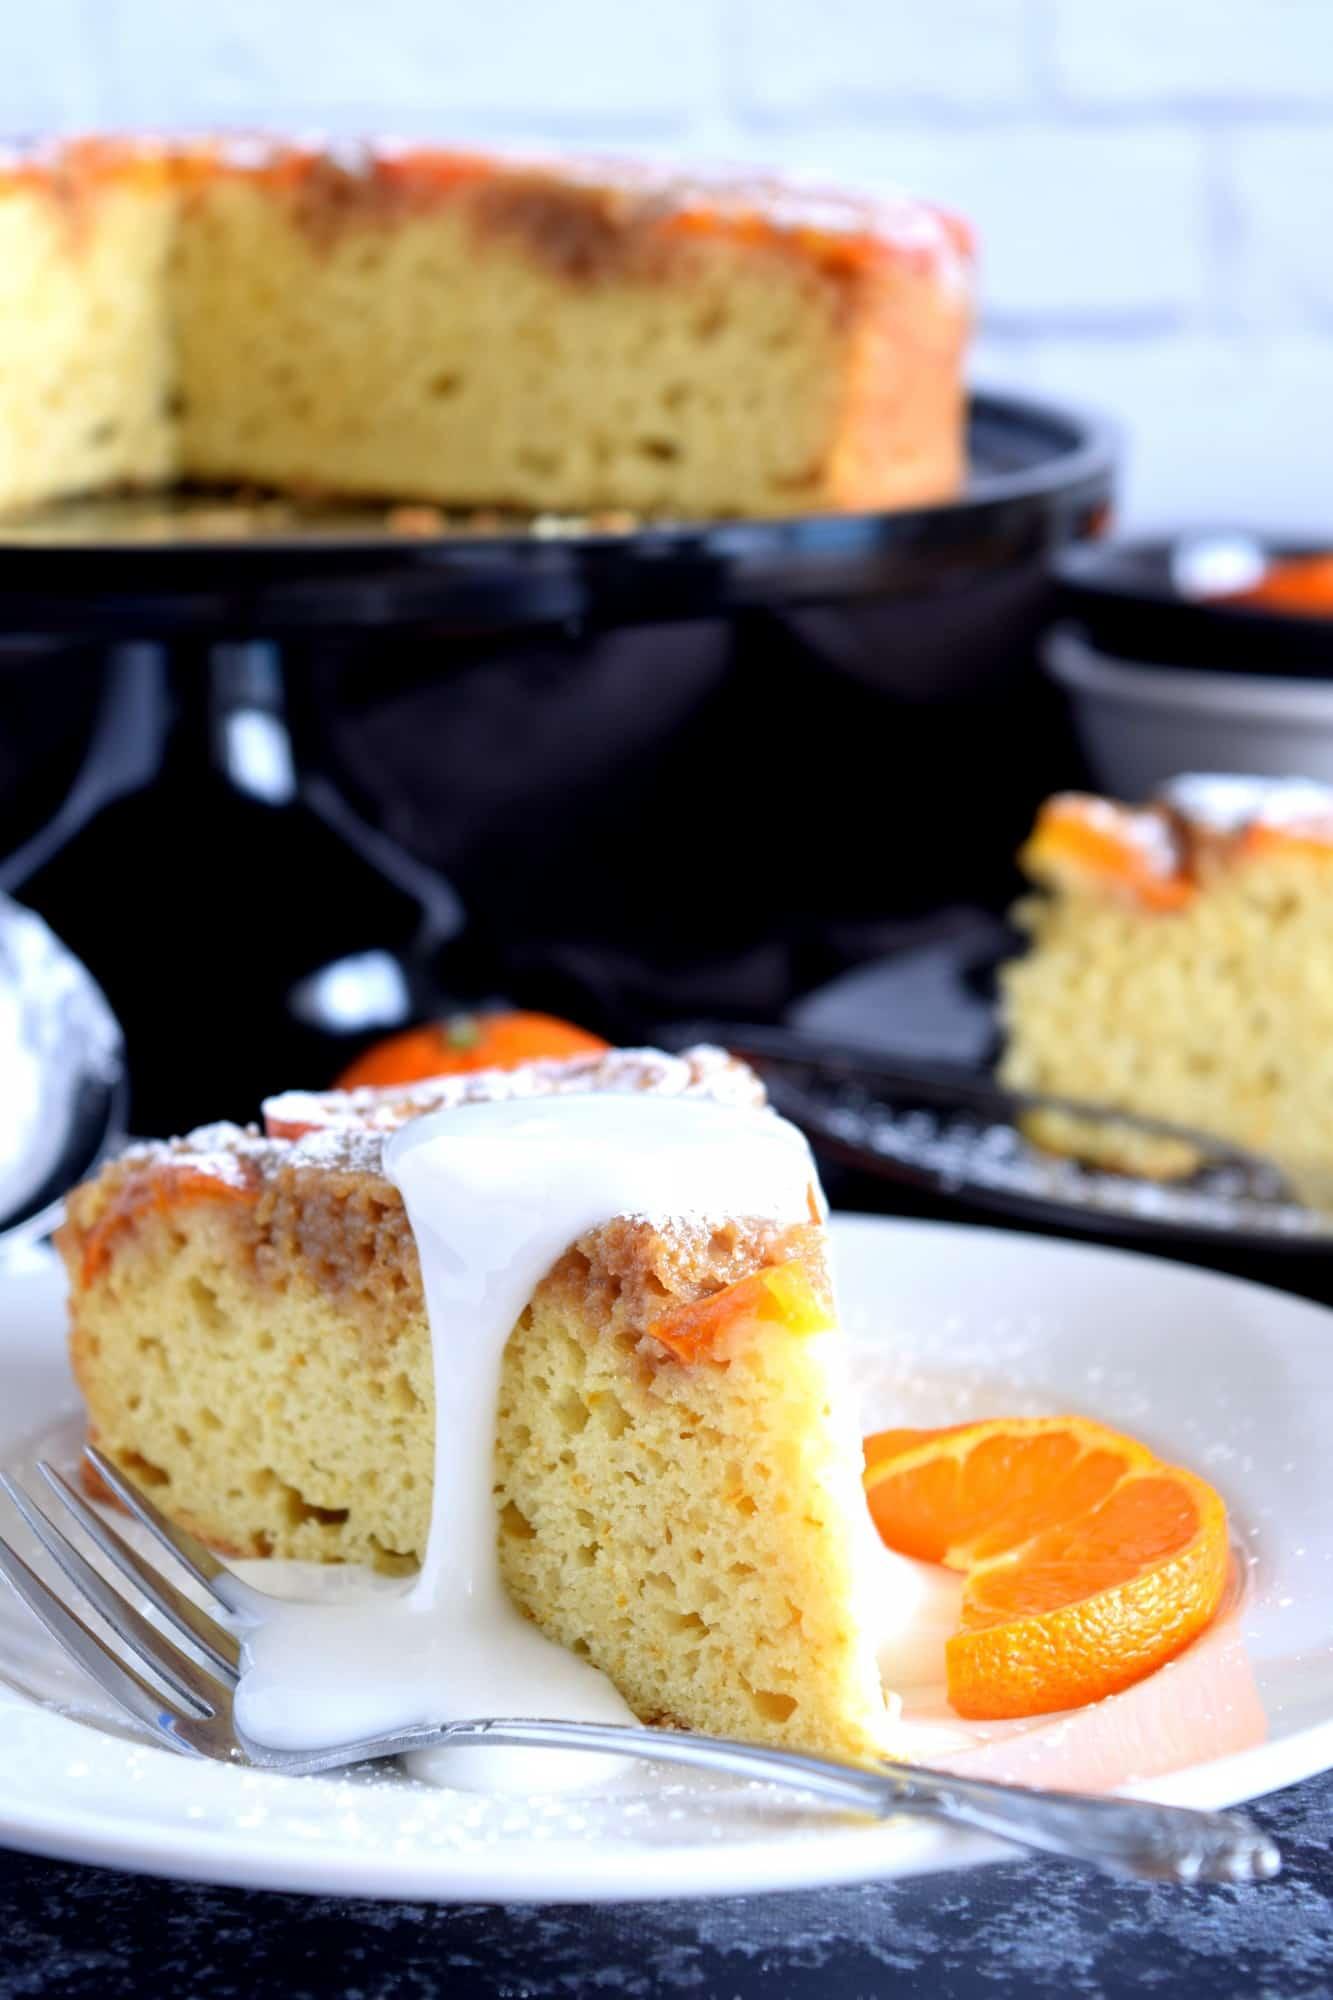 Delicious clementine tumblr com